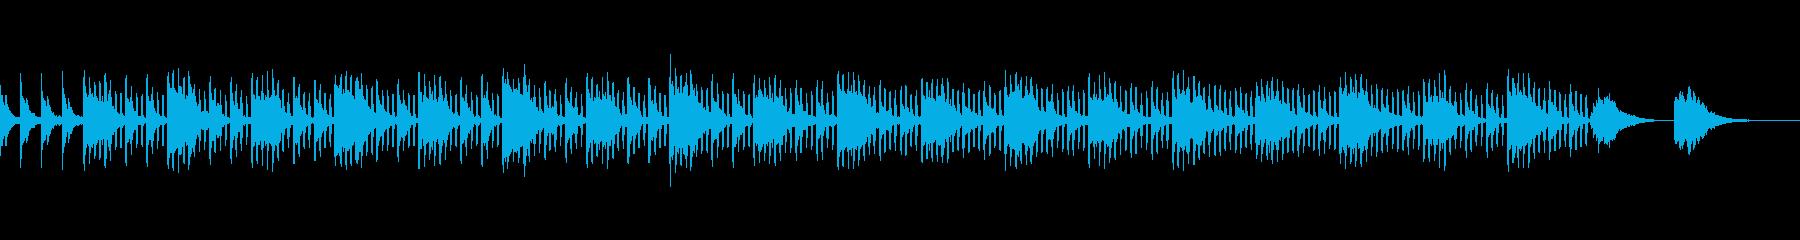 ギターとストリングス、シンセが美しい曲の再生済みの波形